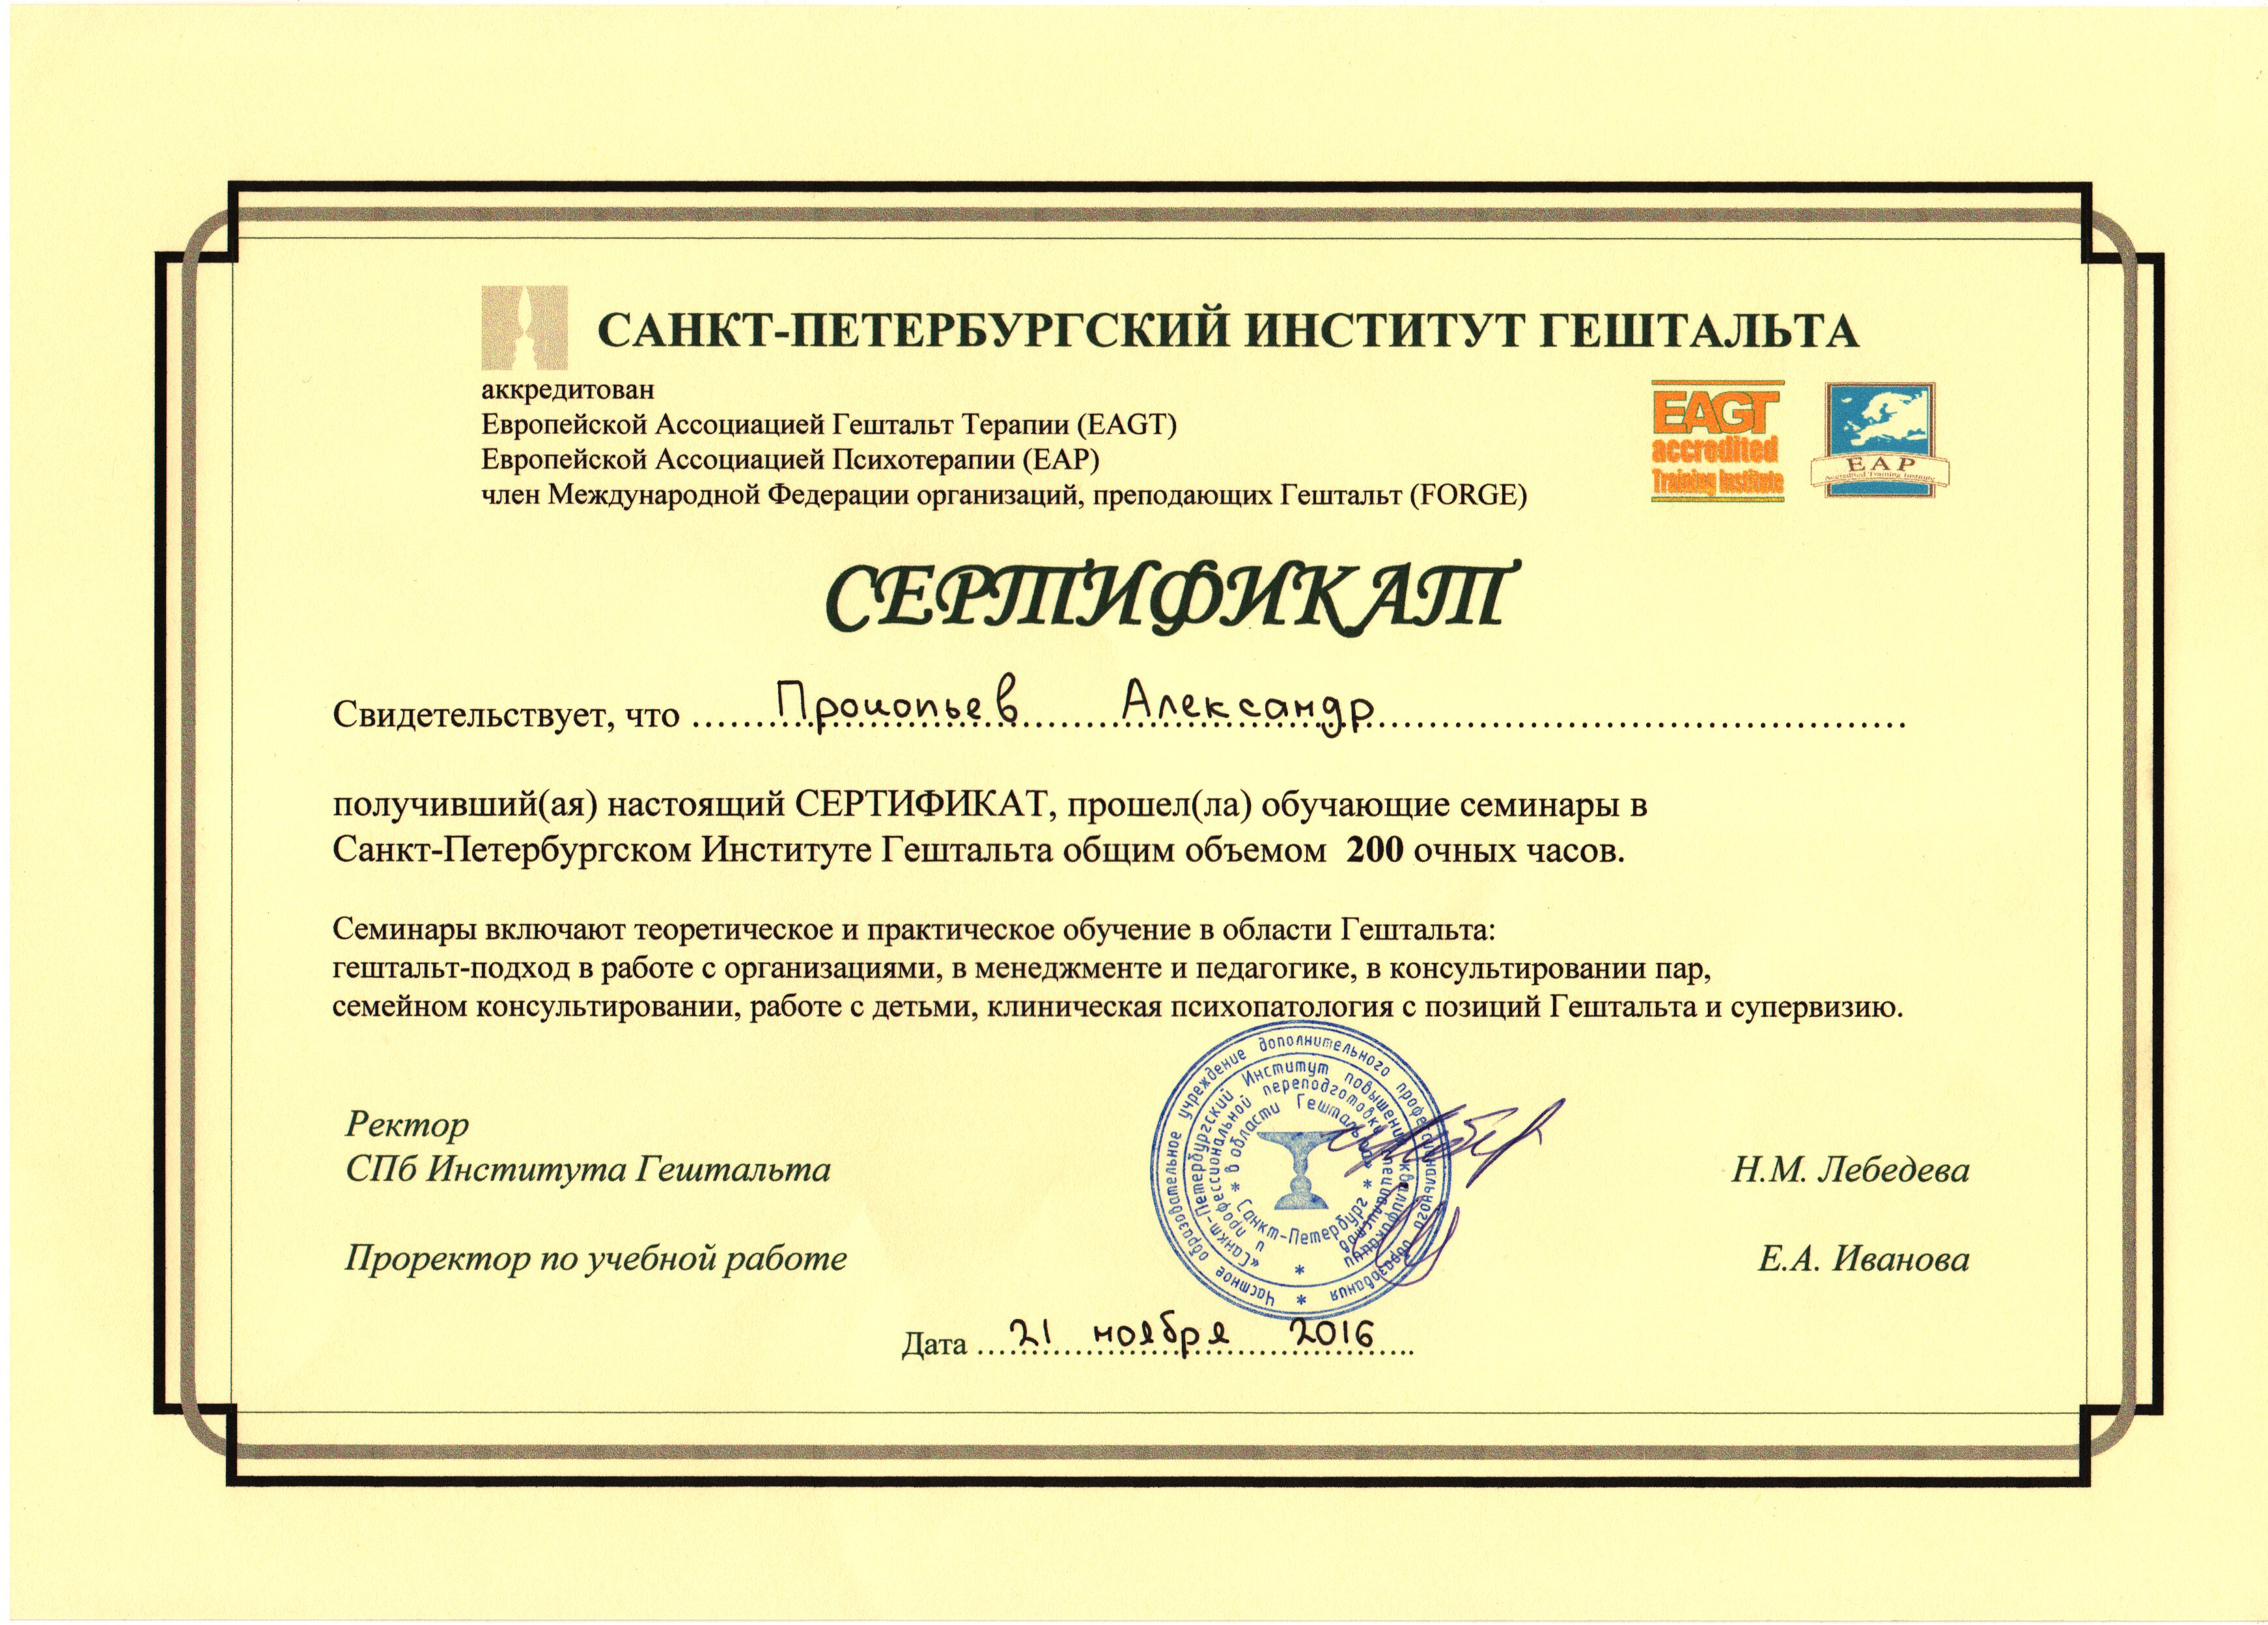 Сертификат_Семинары теоретического и практического обучения в области Гештальта_ноябрь 2016 г.